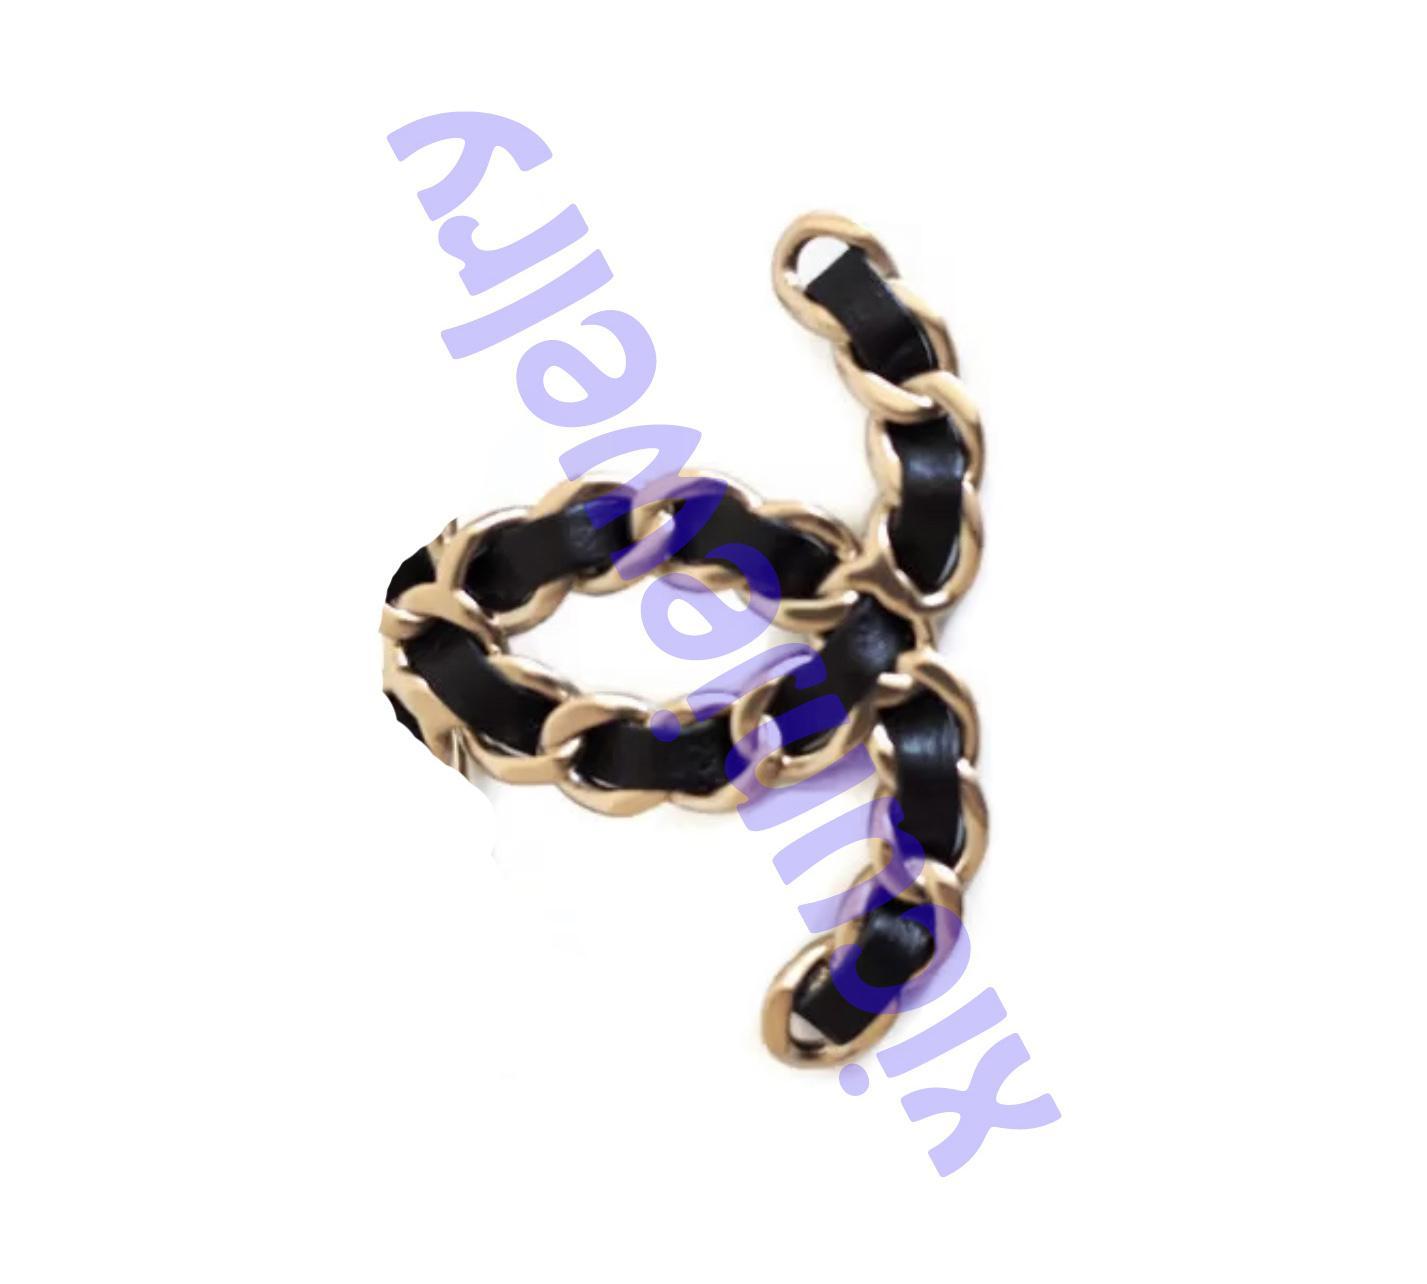 Chaannel سحر إلكتروني دبابيس بيرل دبابيس الذهب الأزياء دبوس أعلى كريستال الماس بروش مفتوحة كما ج